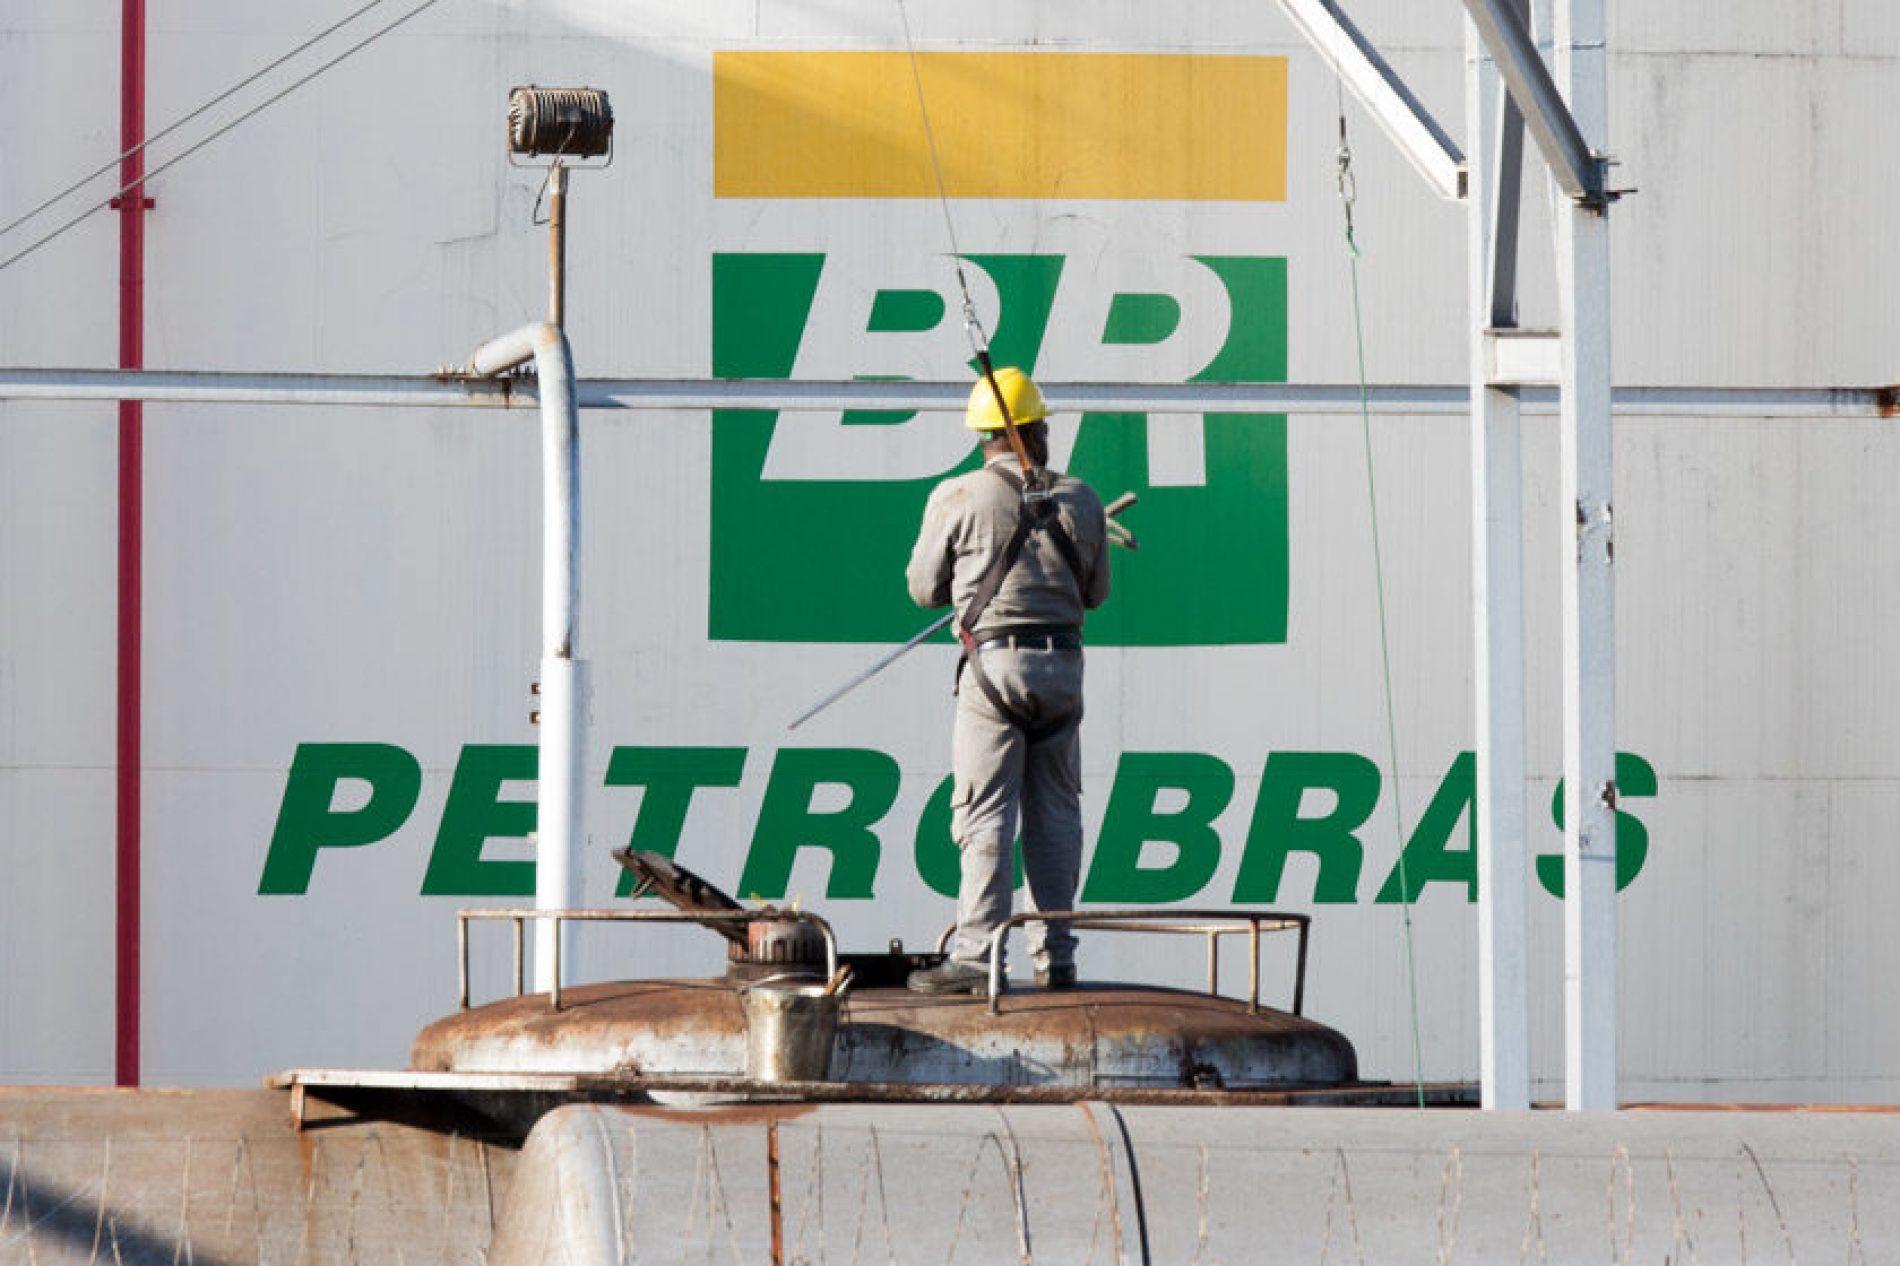 Petrobras e Eletrobrás fecham novo acordo de negociação de dívidas